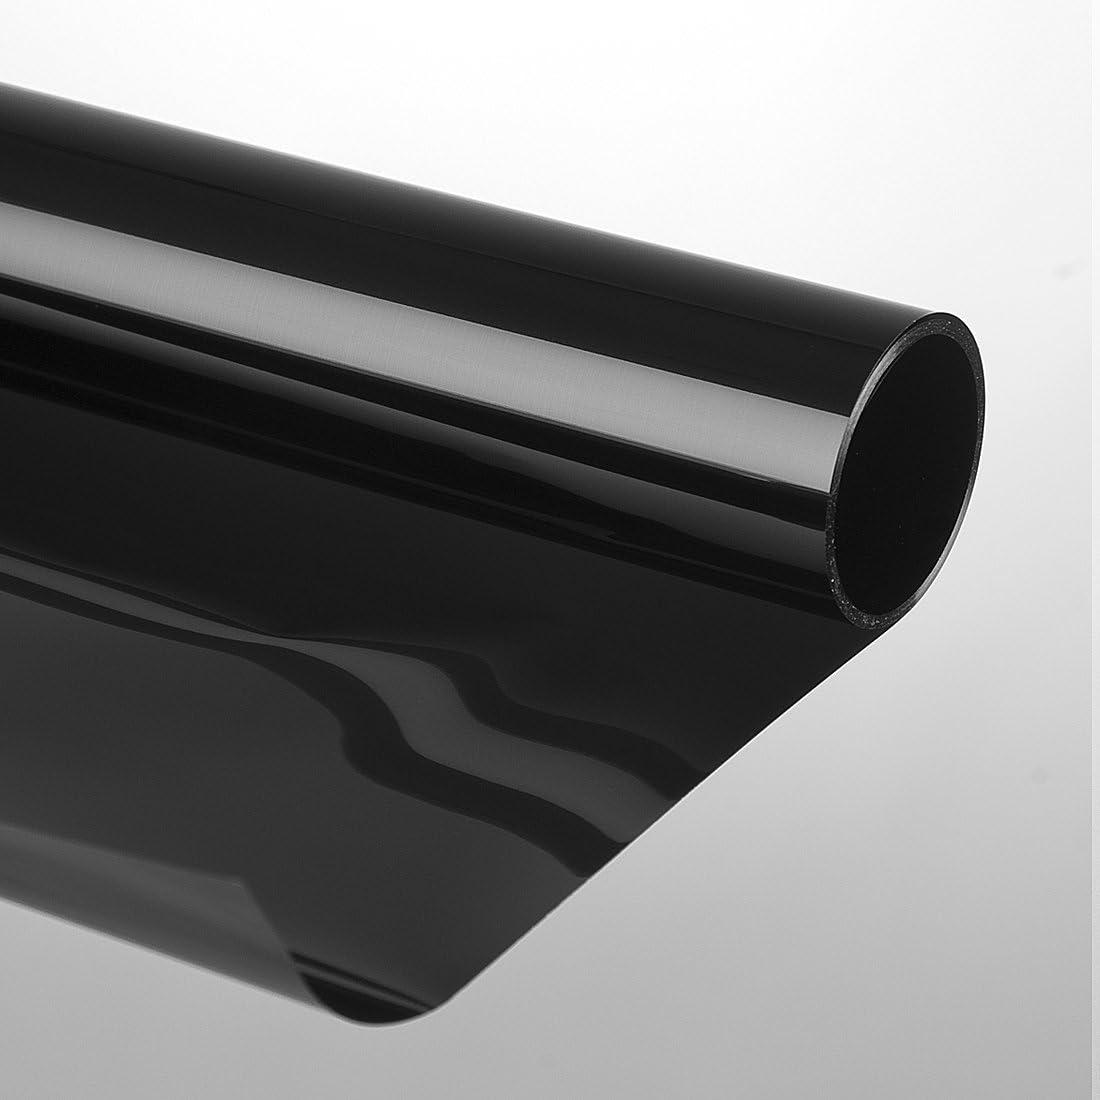 Folien Gigant Sonnenschutzfolie 75 X 300cm Selbstklebend Fensterfolie Braun 75 X 300 Cm 2 Küche Haushalt